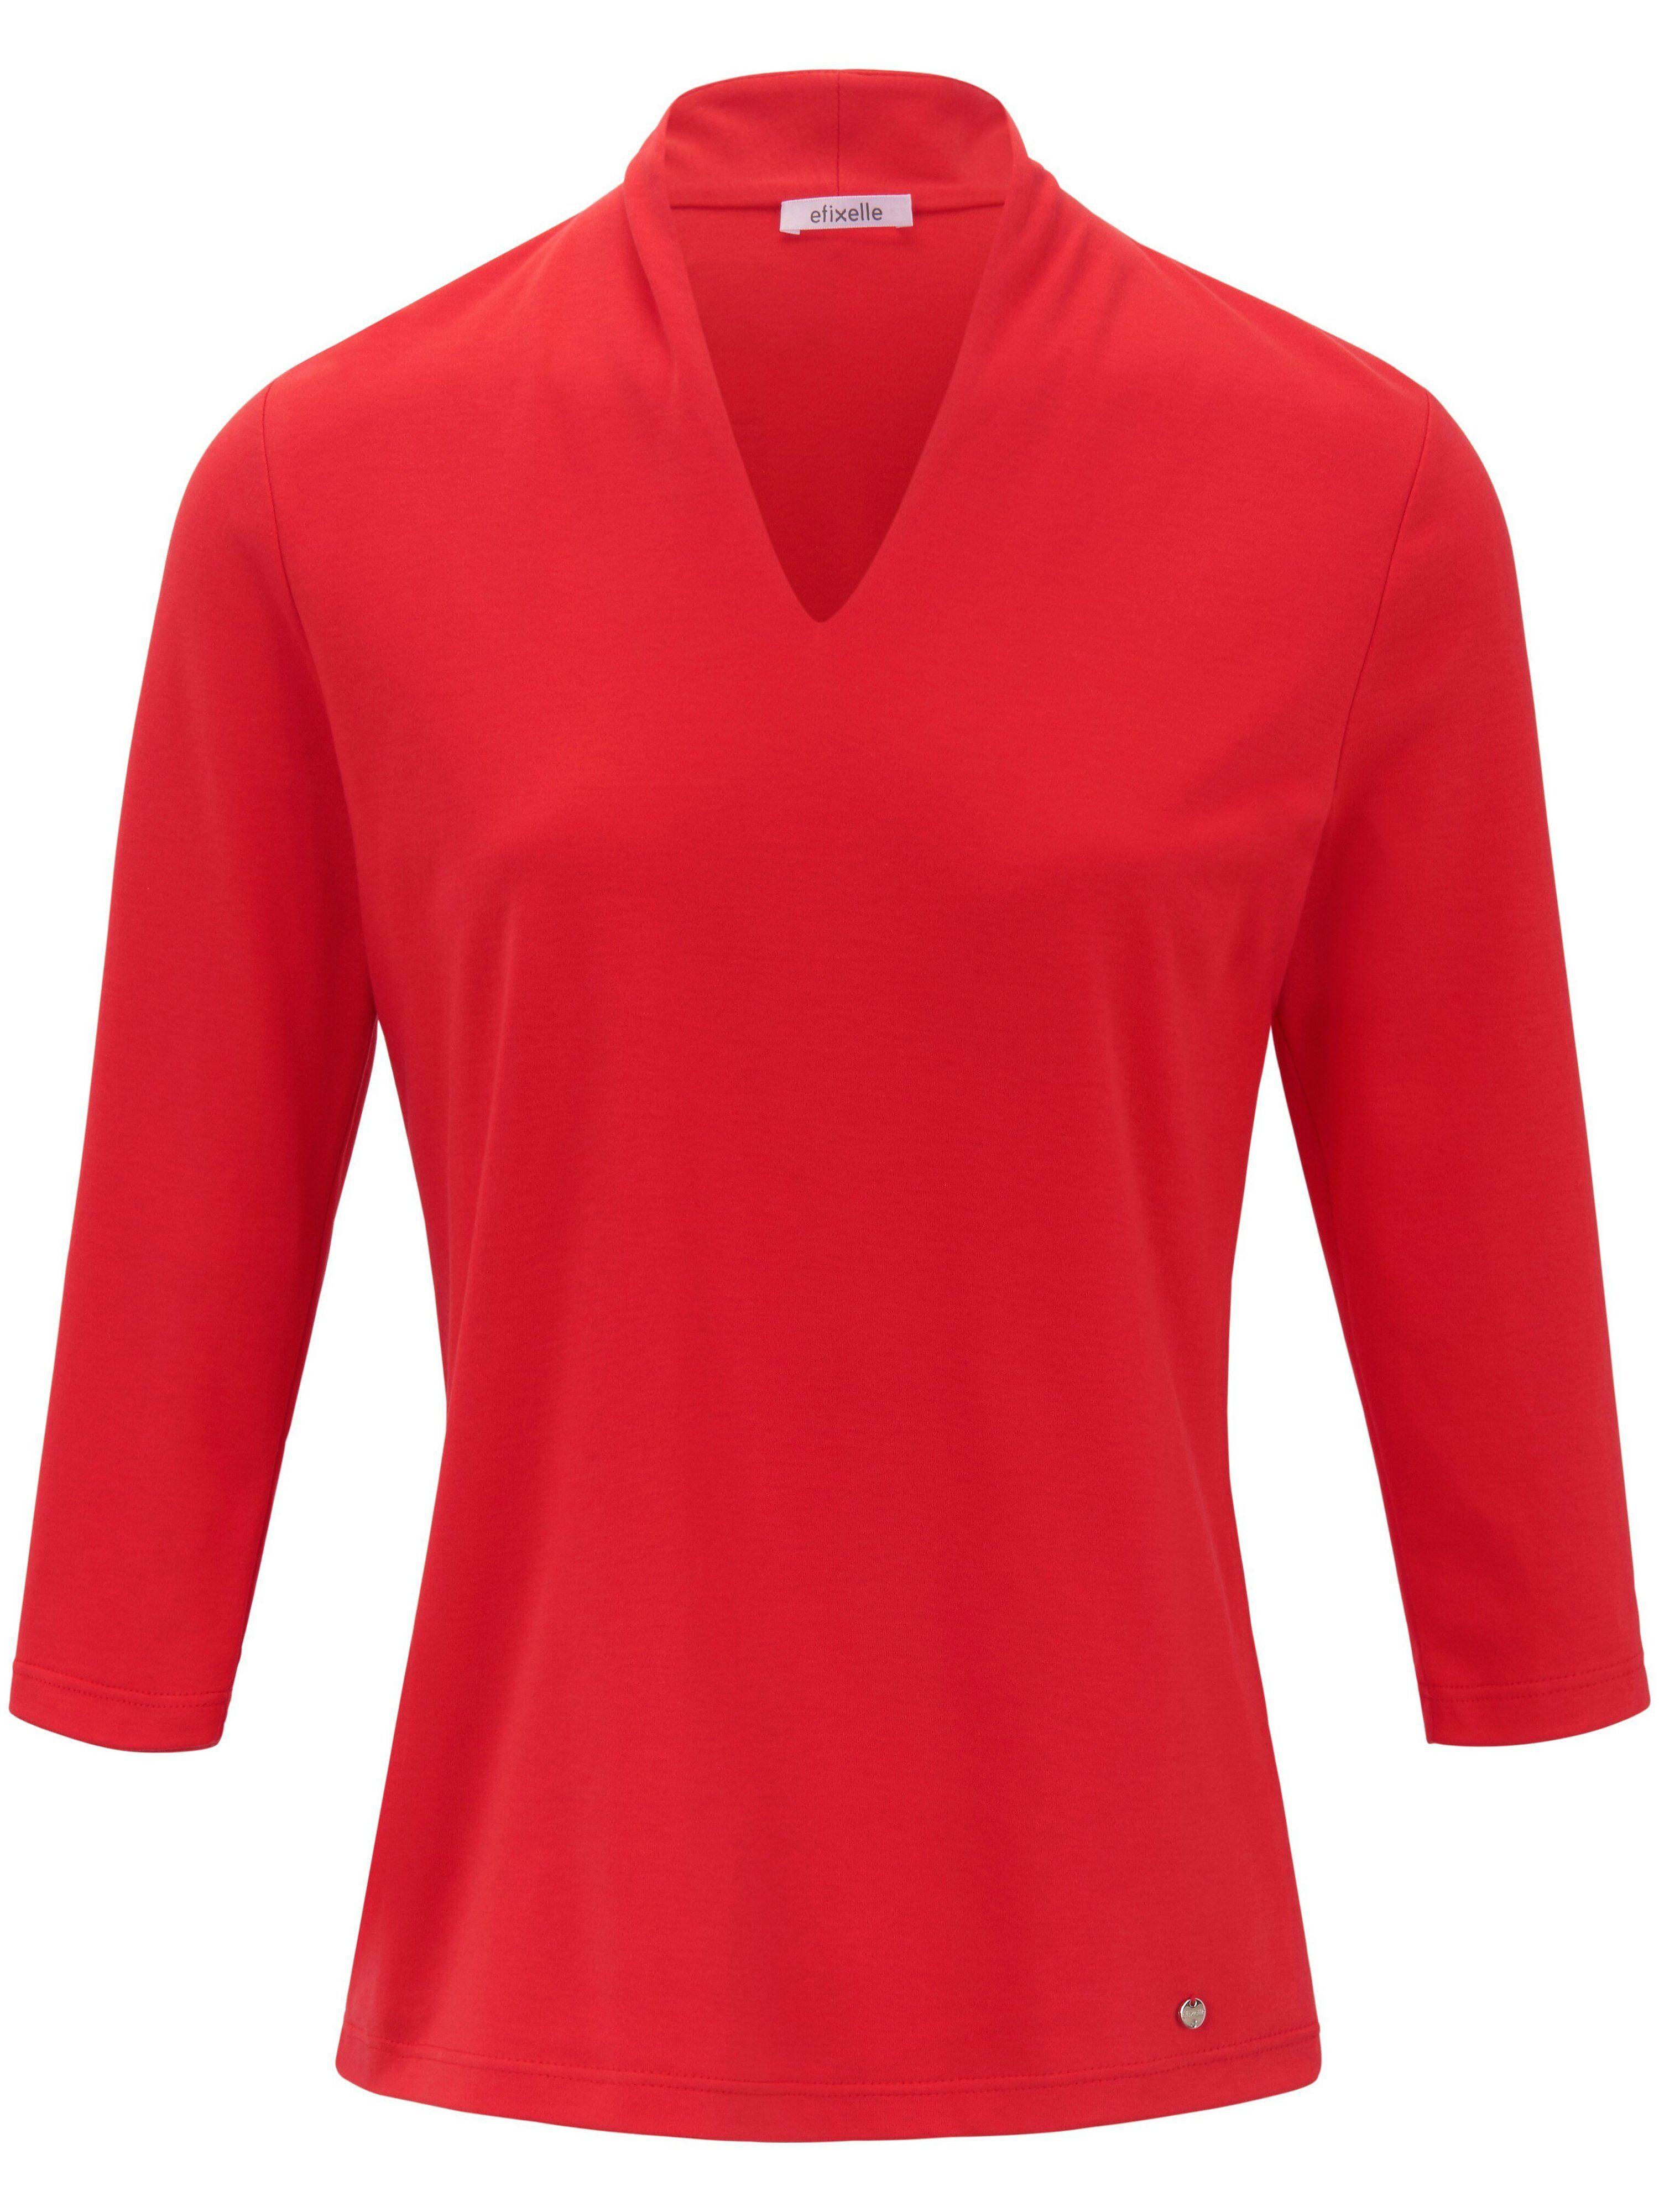 Efixelle Le T-shirt manches 3/4 100% coton  Efixelle rouge  - Femme - 38